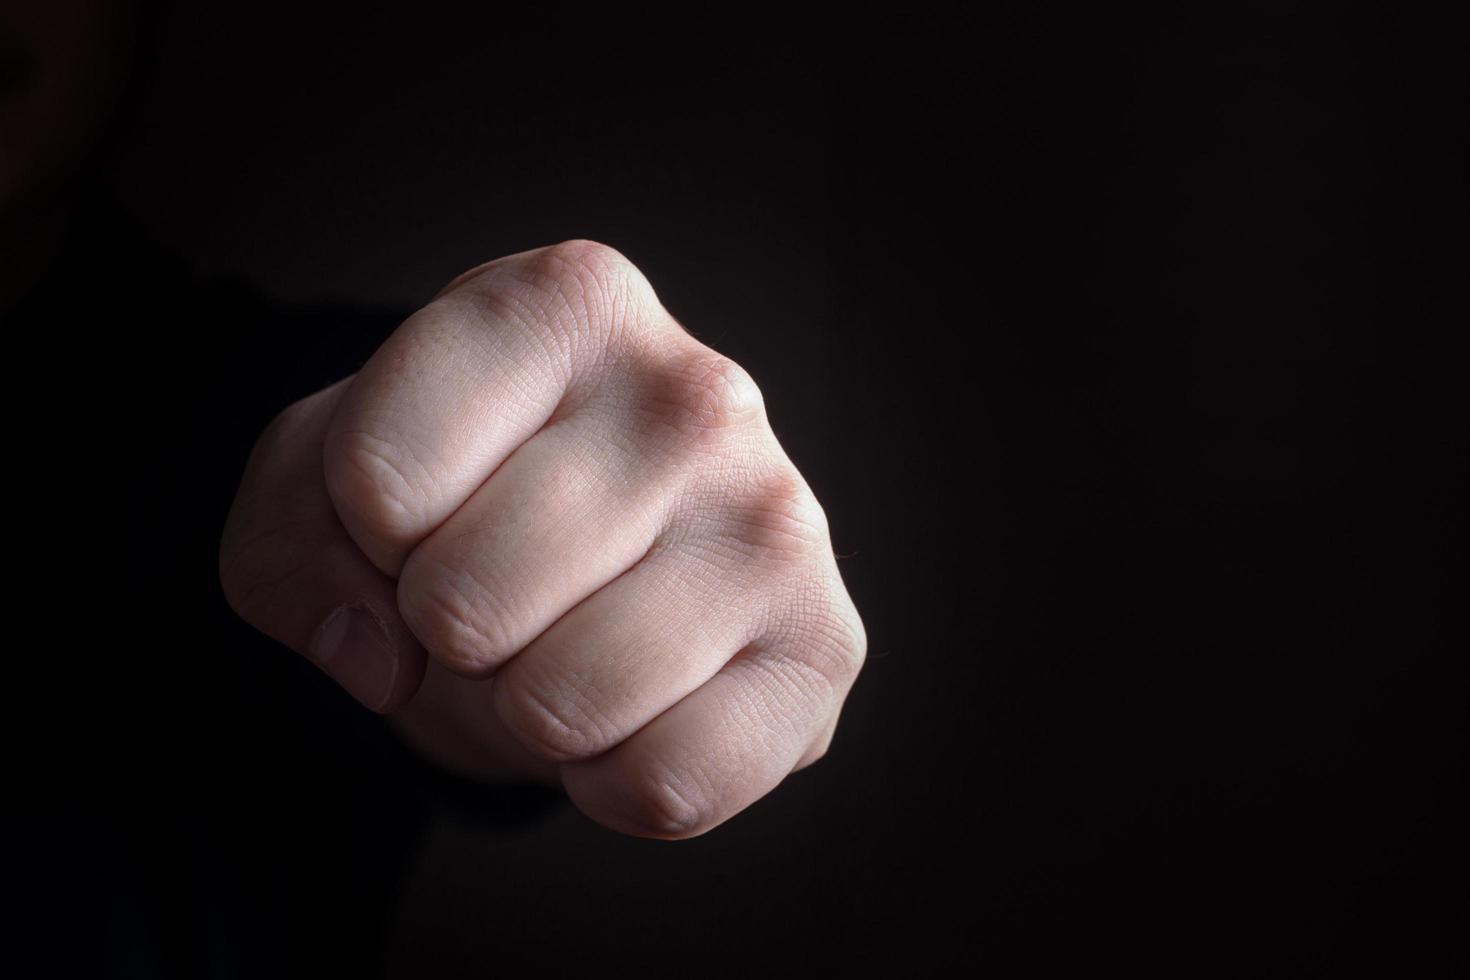 Puño de puño de mano sobre fondo negro foto